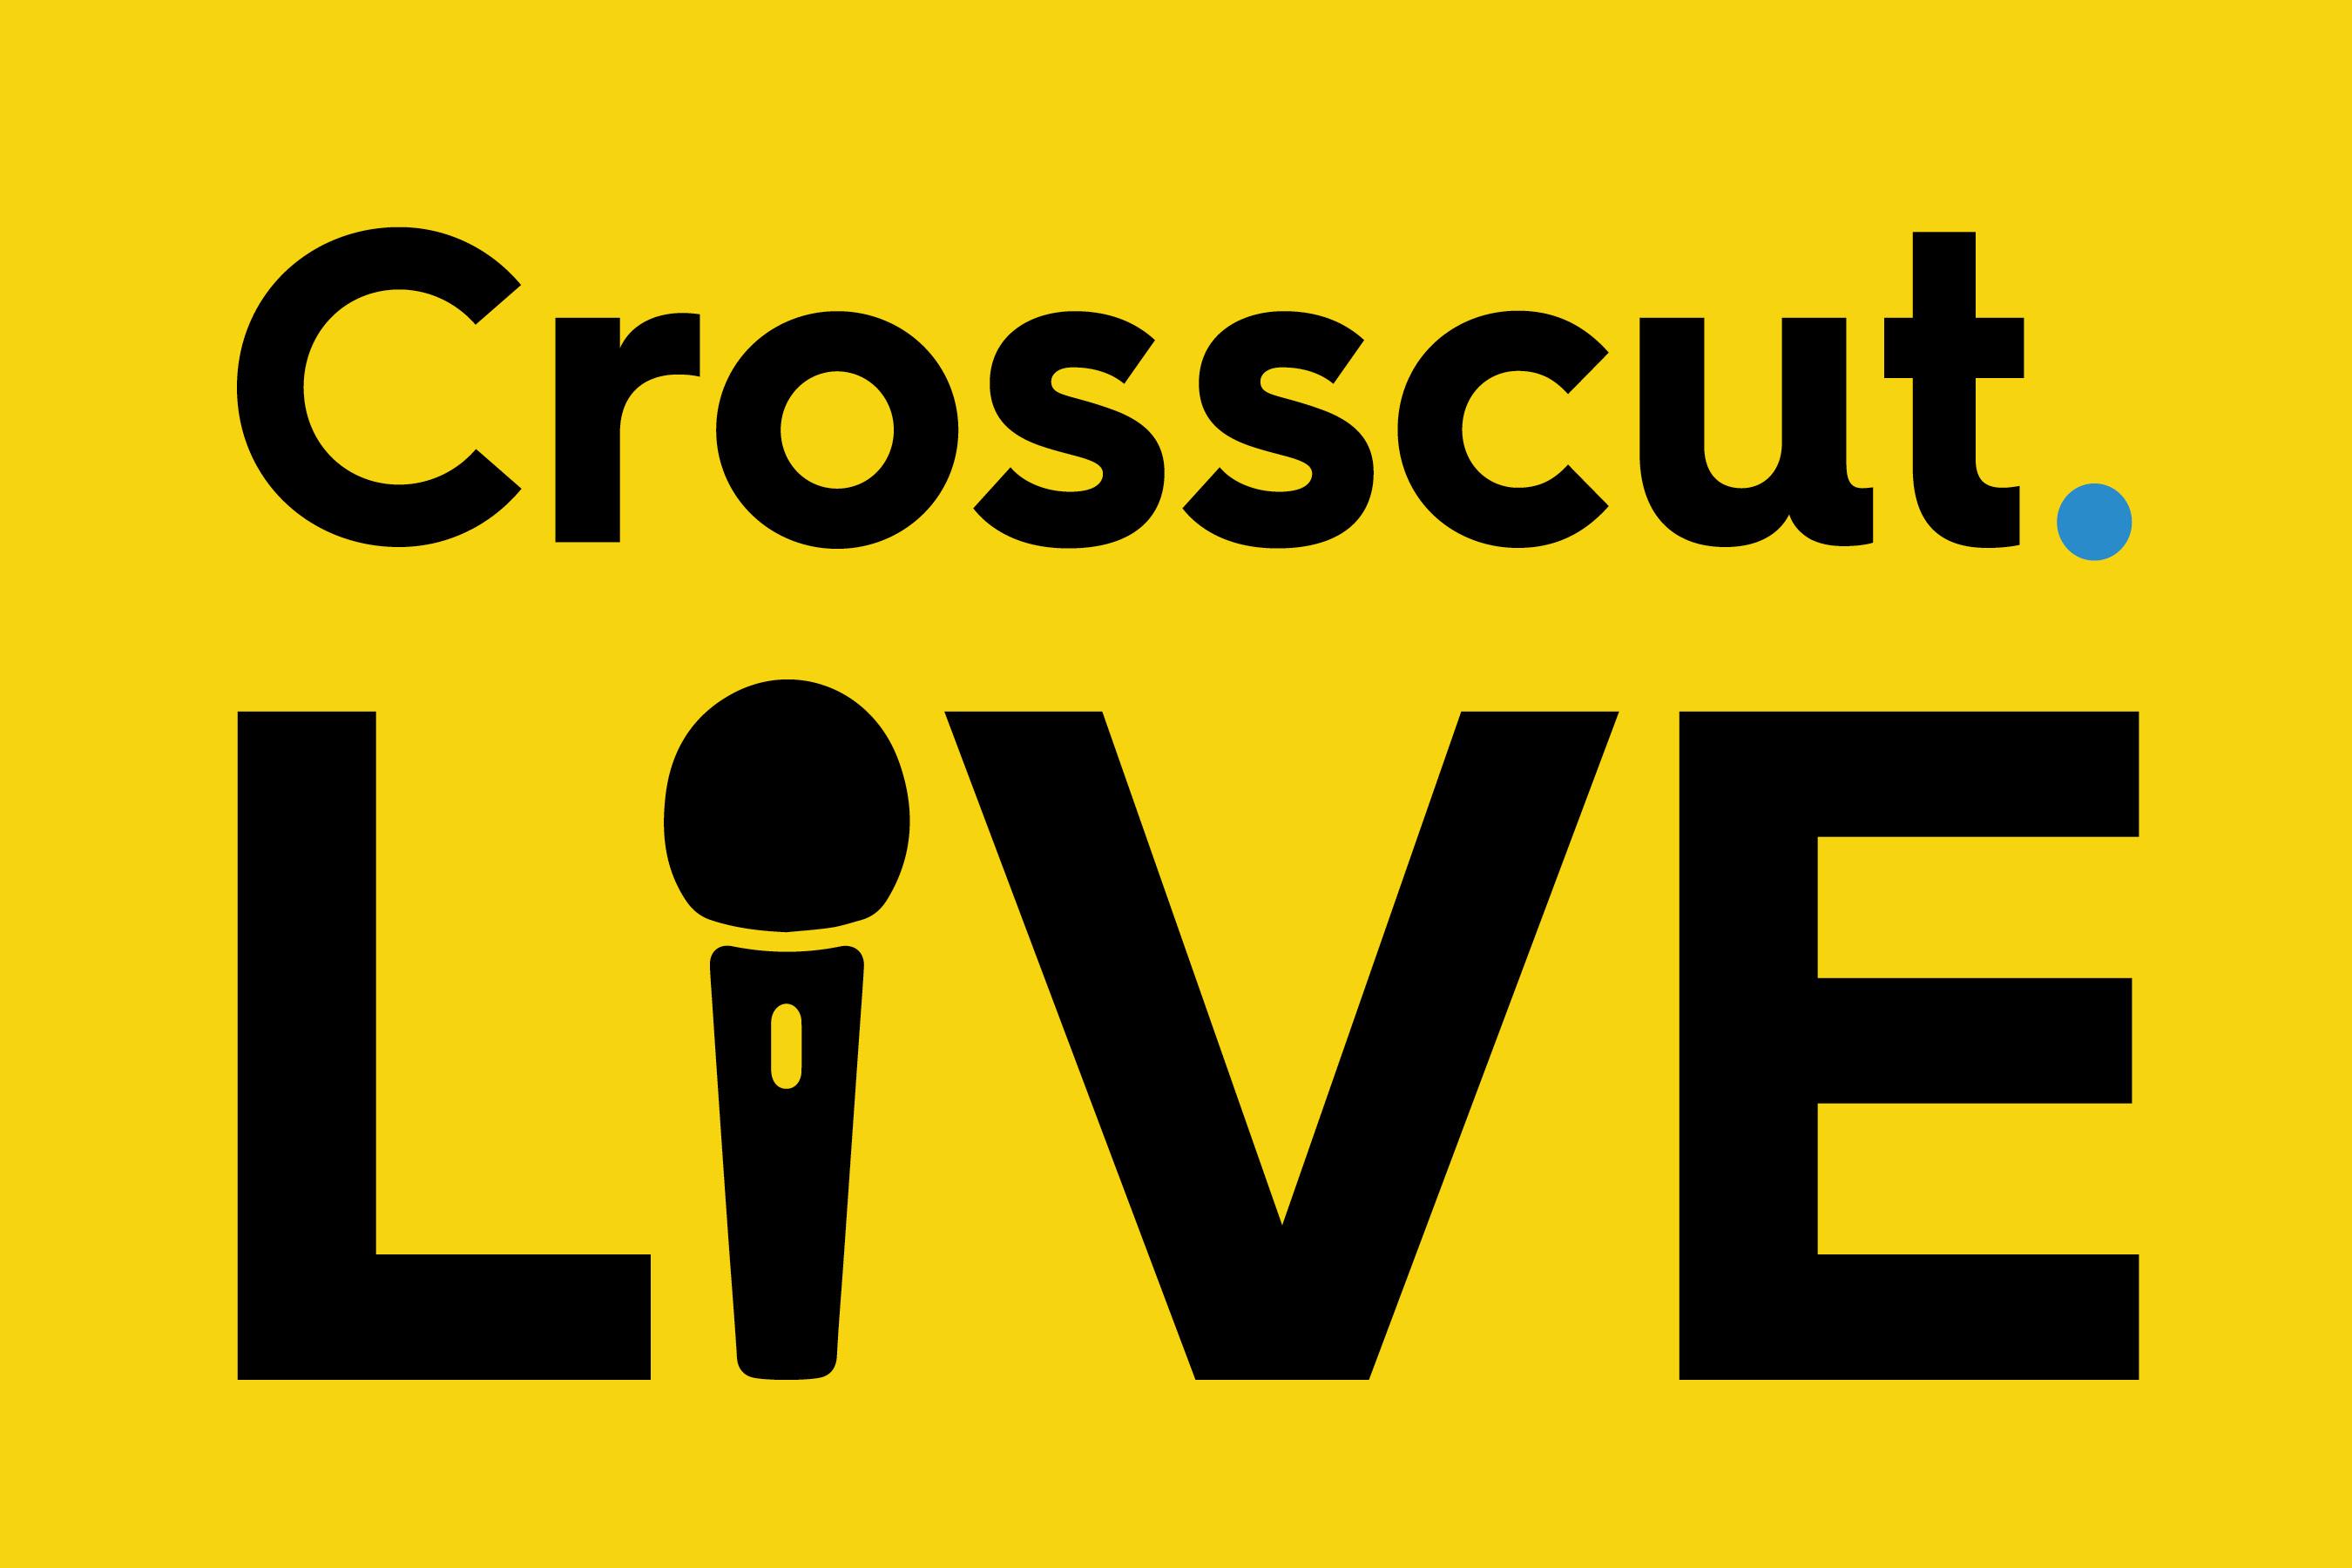 crosscut live logo